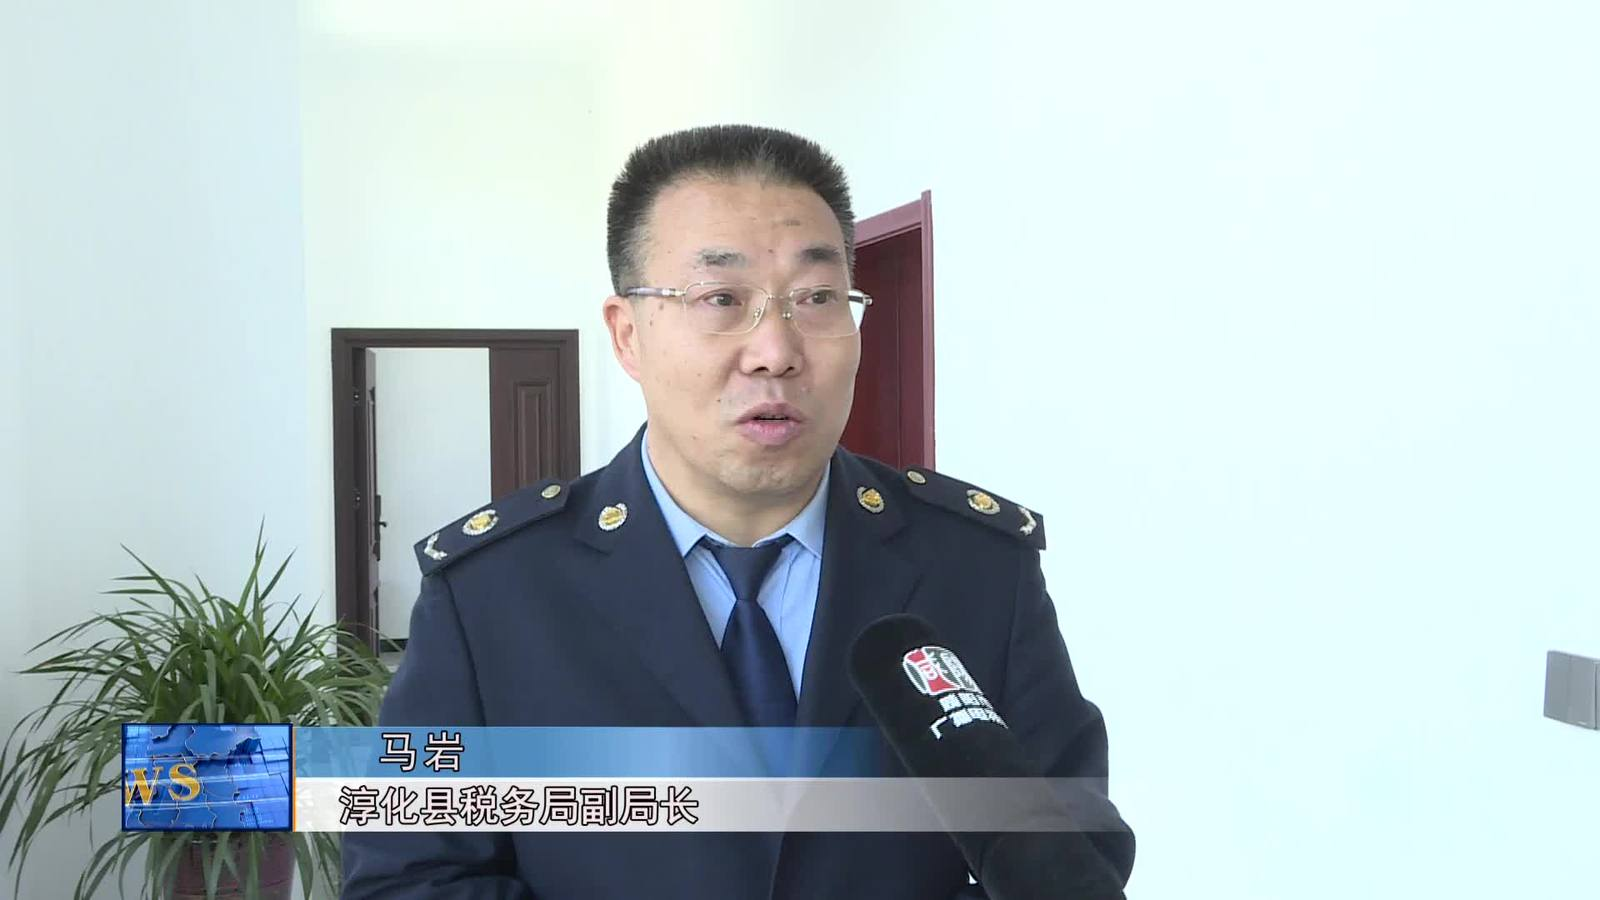 """【视频新闻】淳化县:抓好""""五个聚焦""""  全力以赴决战收官"""